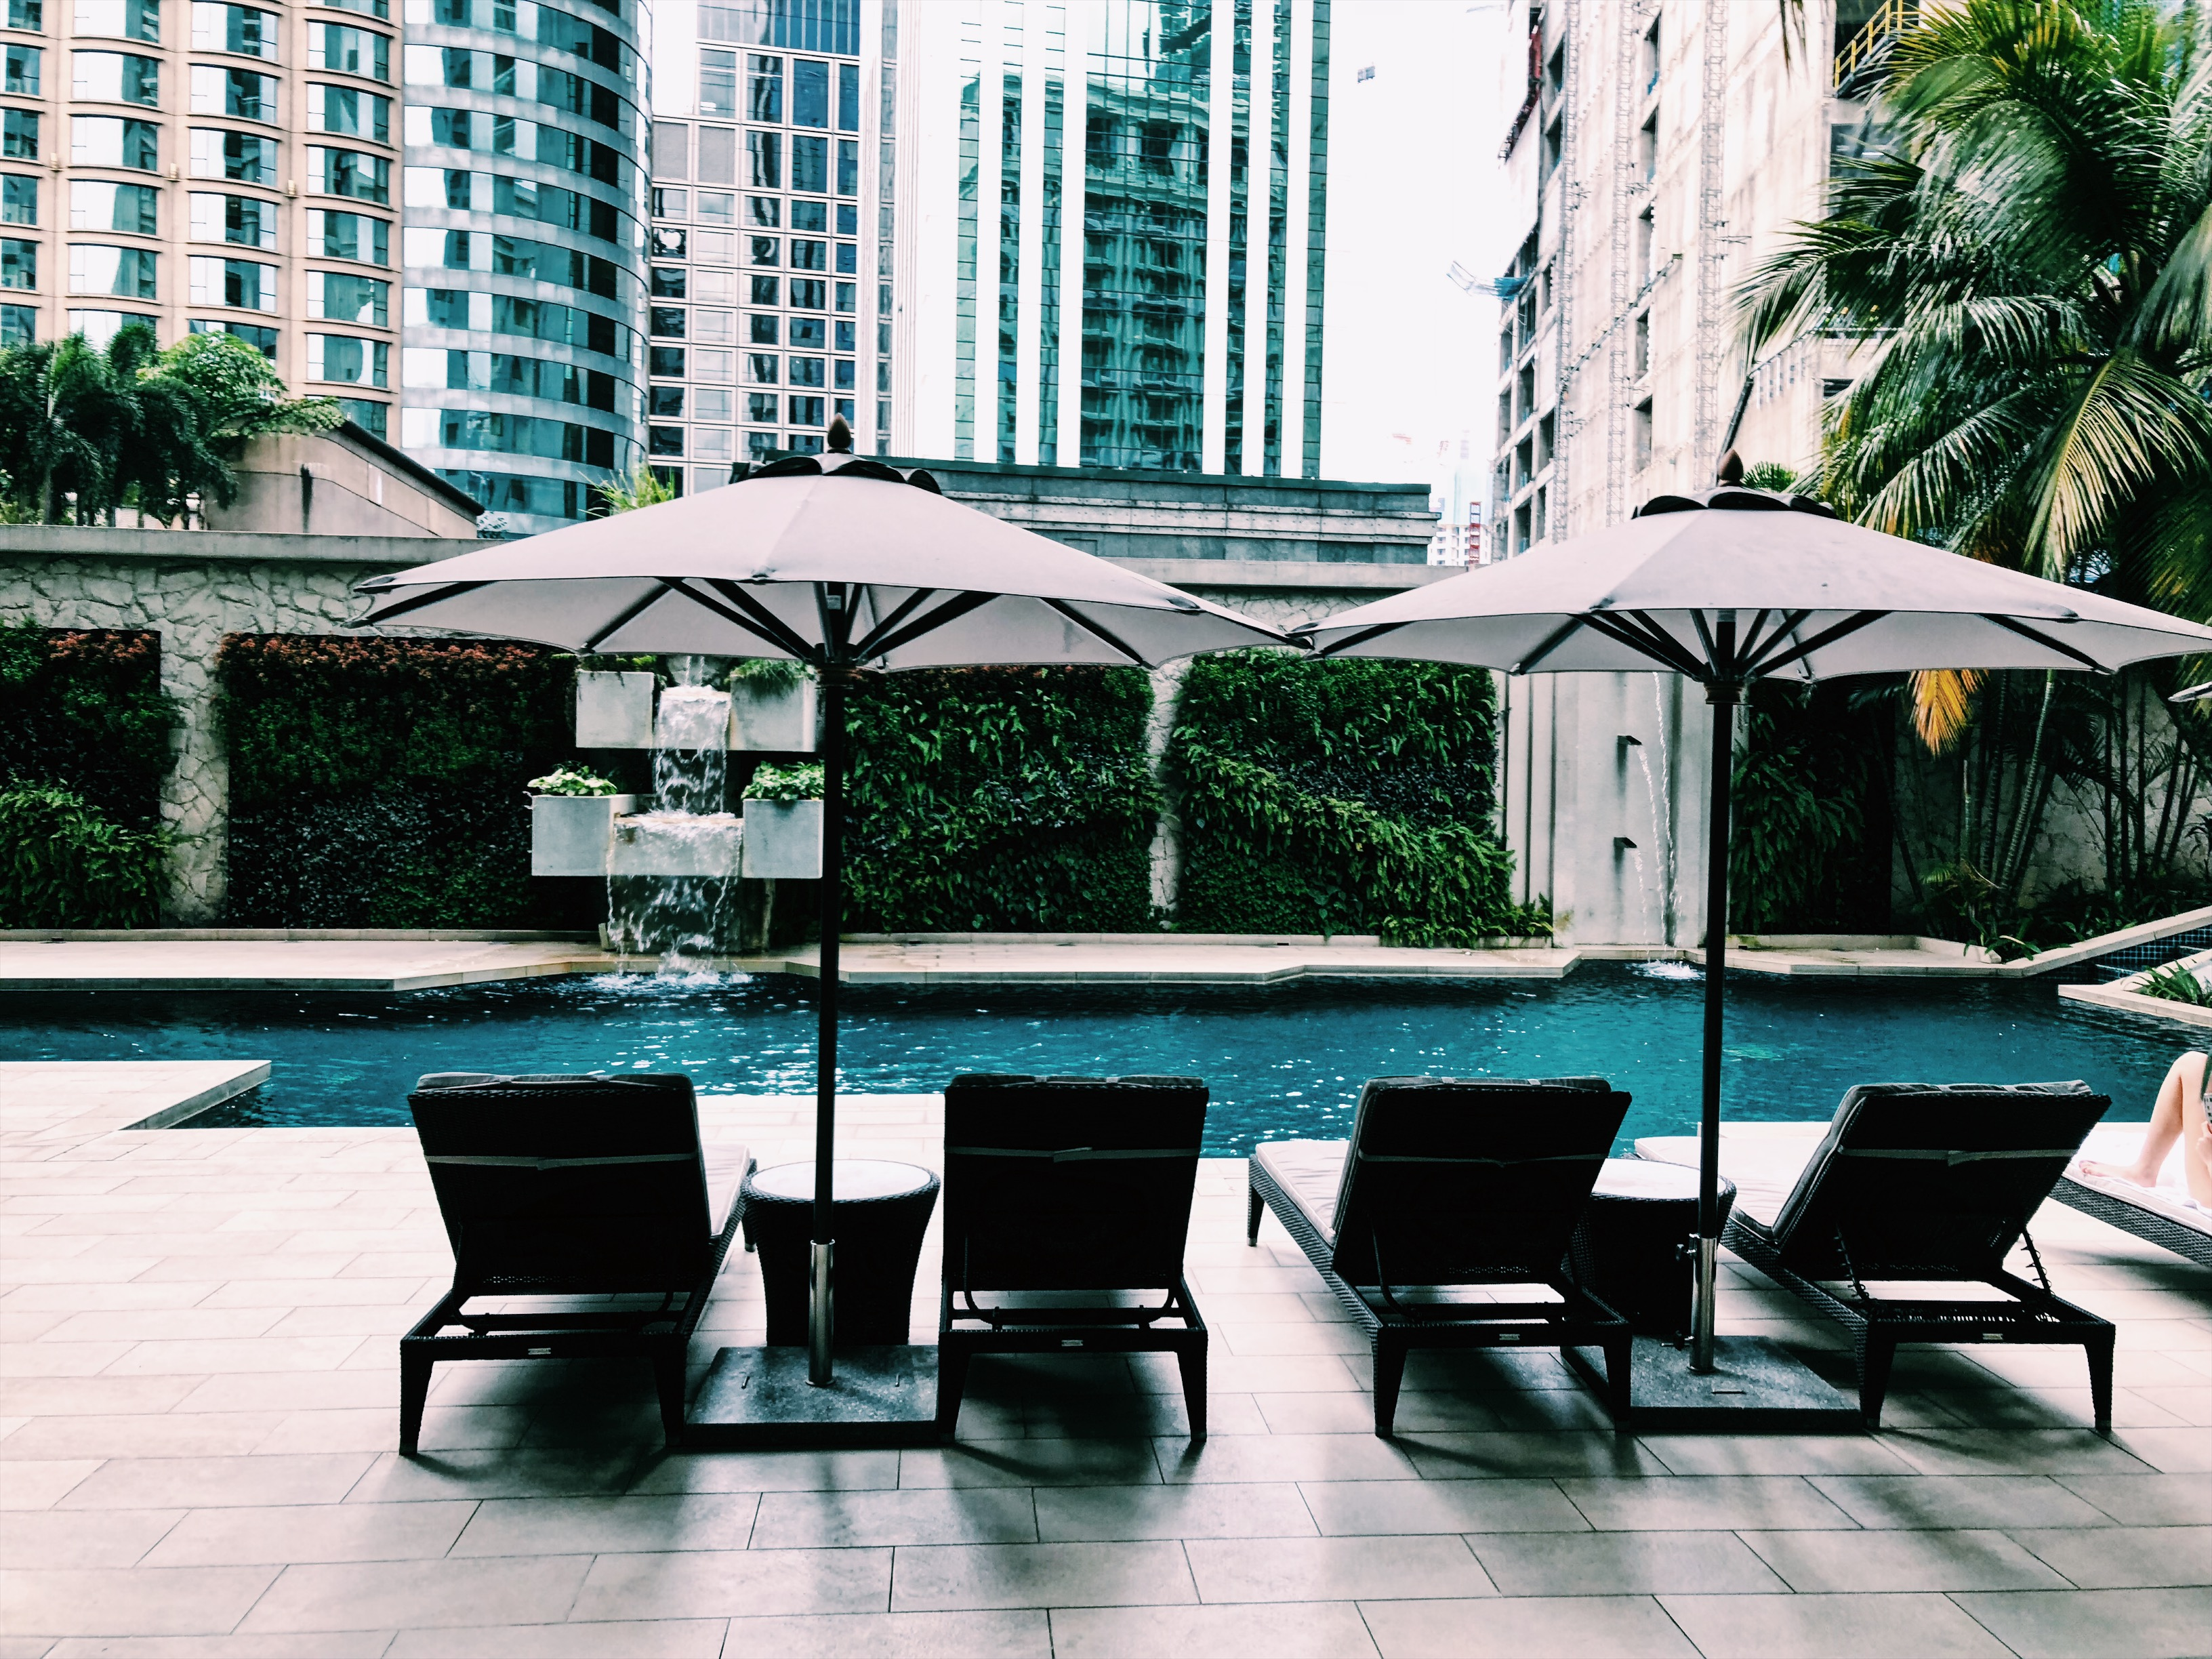 The Ritz-Carlton Kuala Lumpur Pool